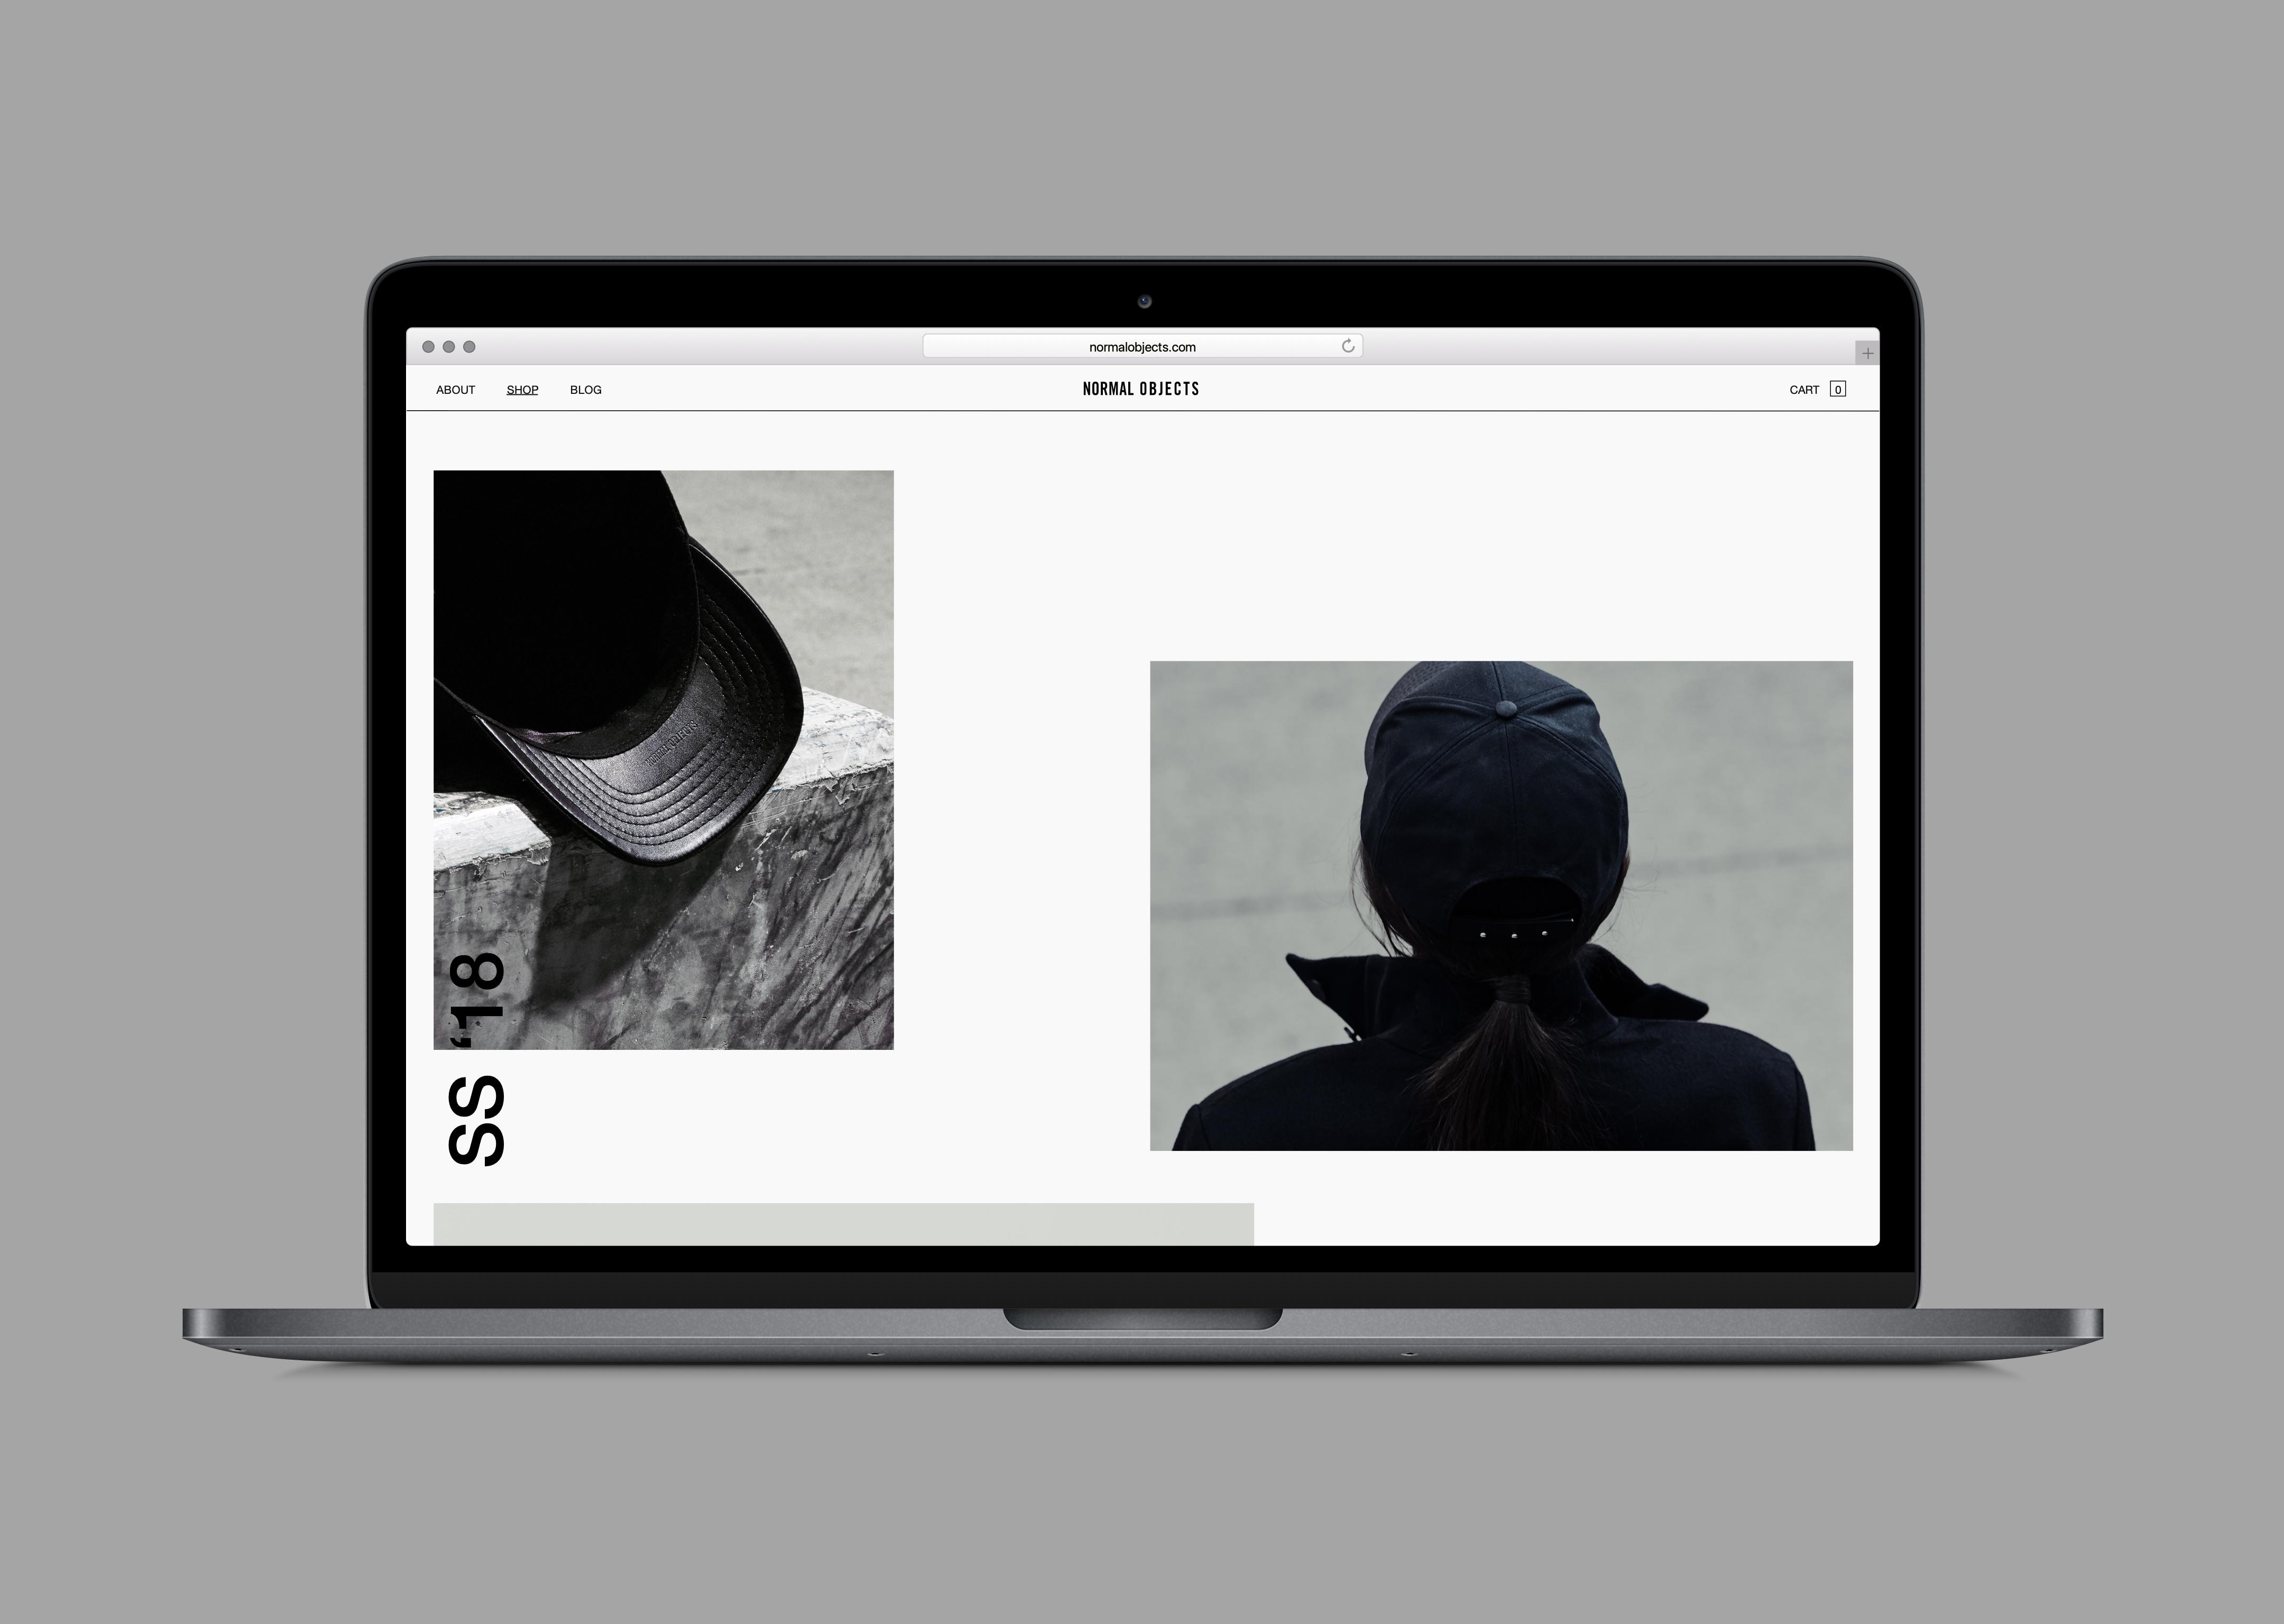 Macbook-01-2